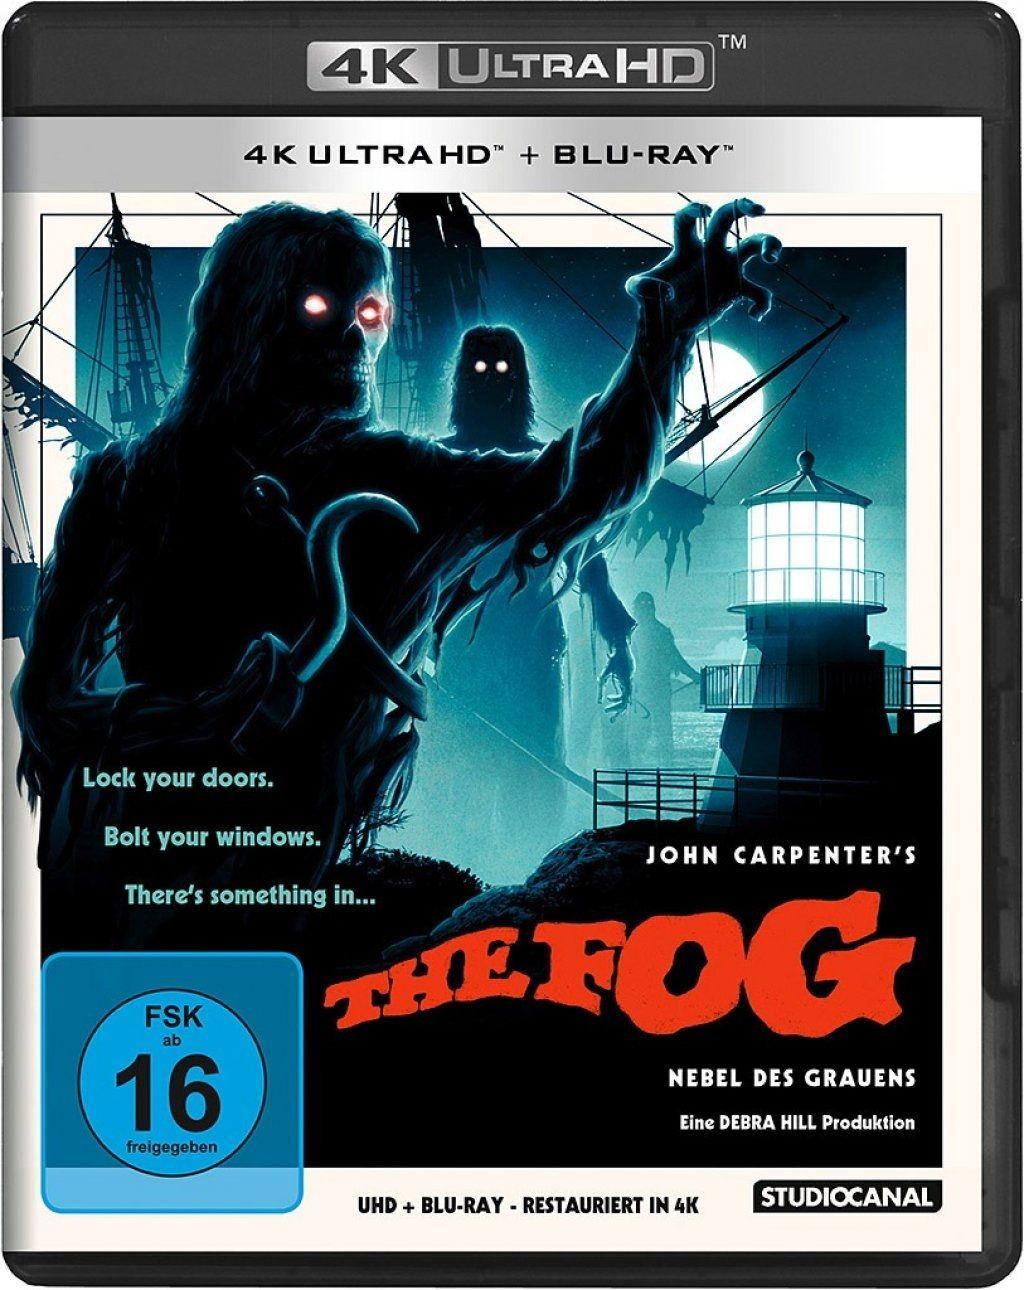 Fog, The - Der Nebel des Grauens (1979) (2 Discs) (UHD BLURAY + BLURAY)